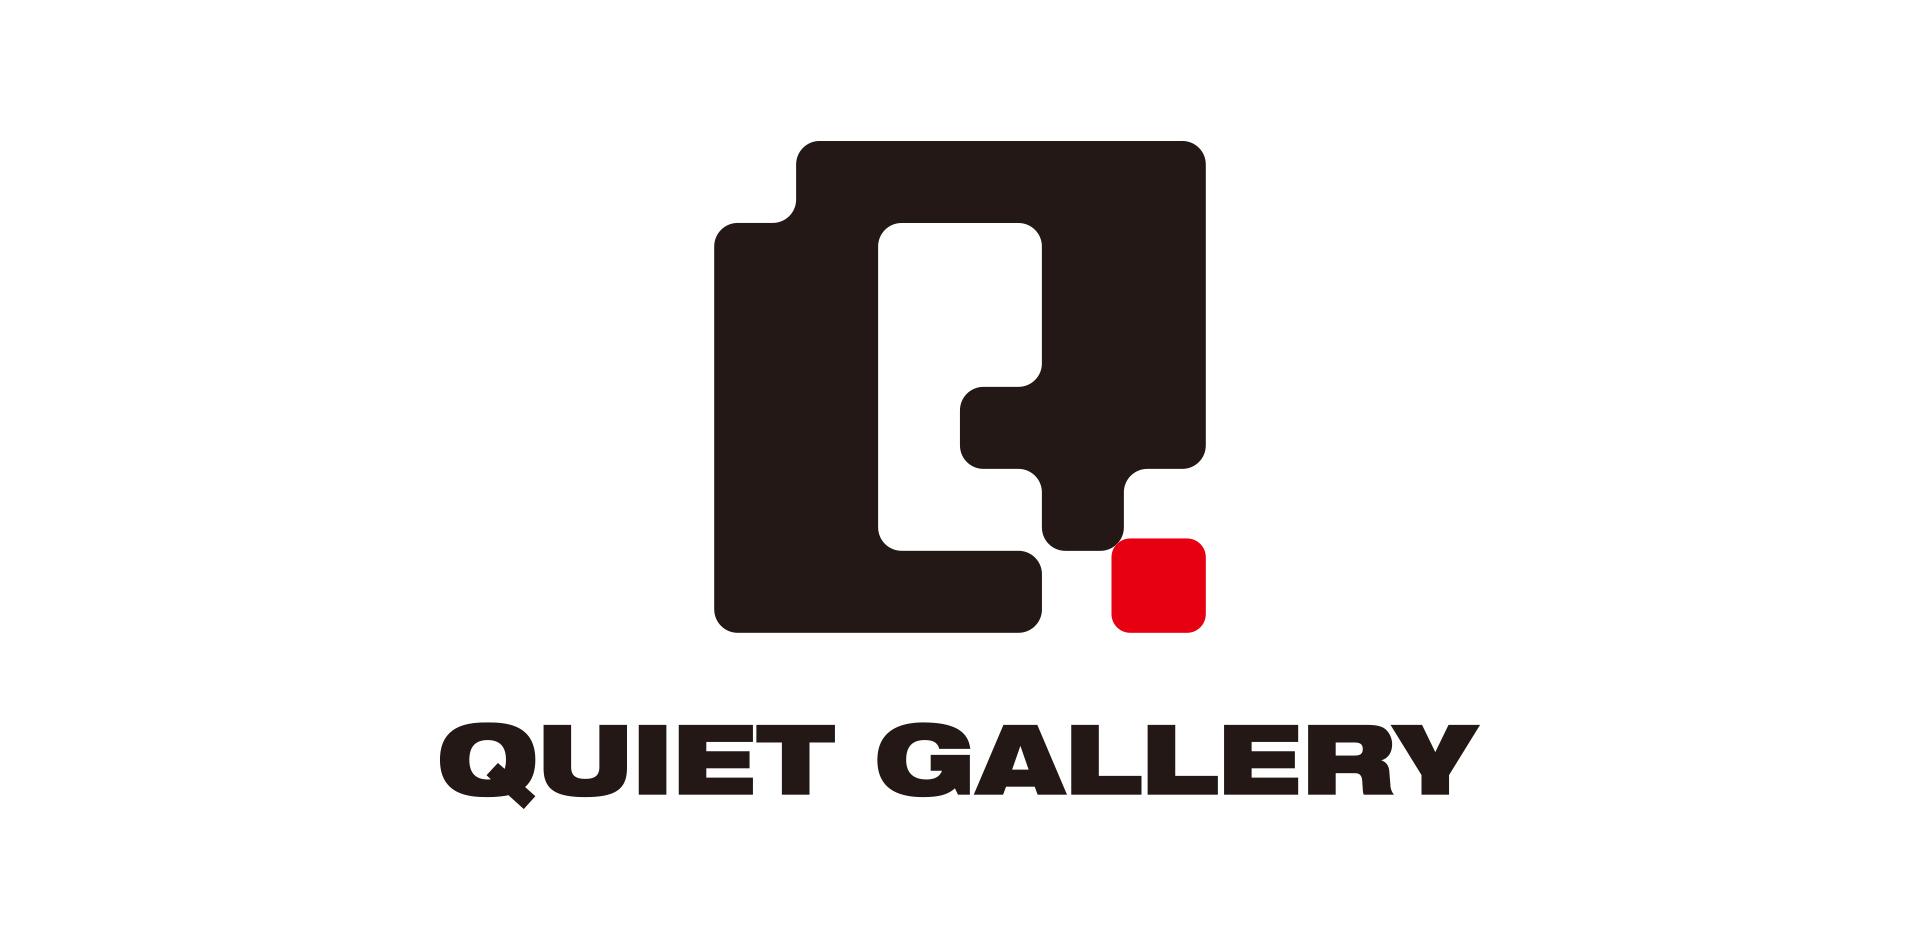 QUIET GALLERY